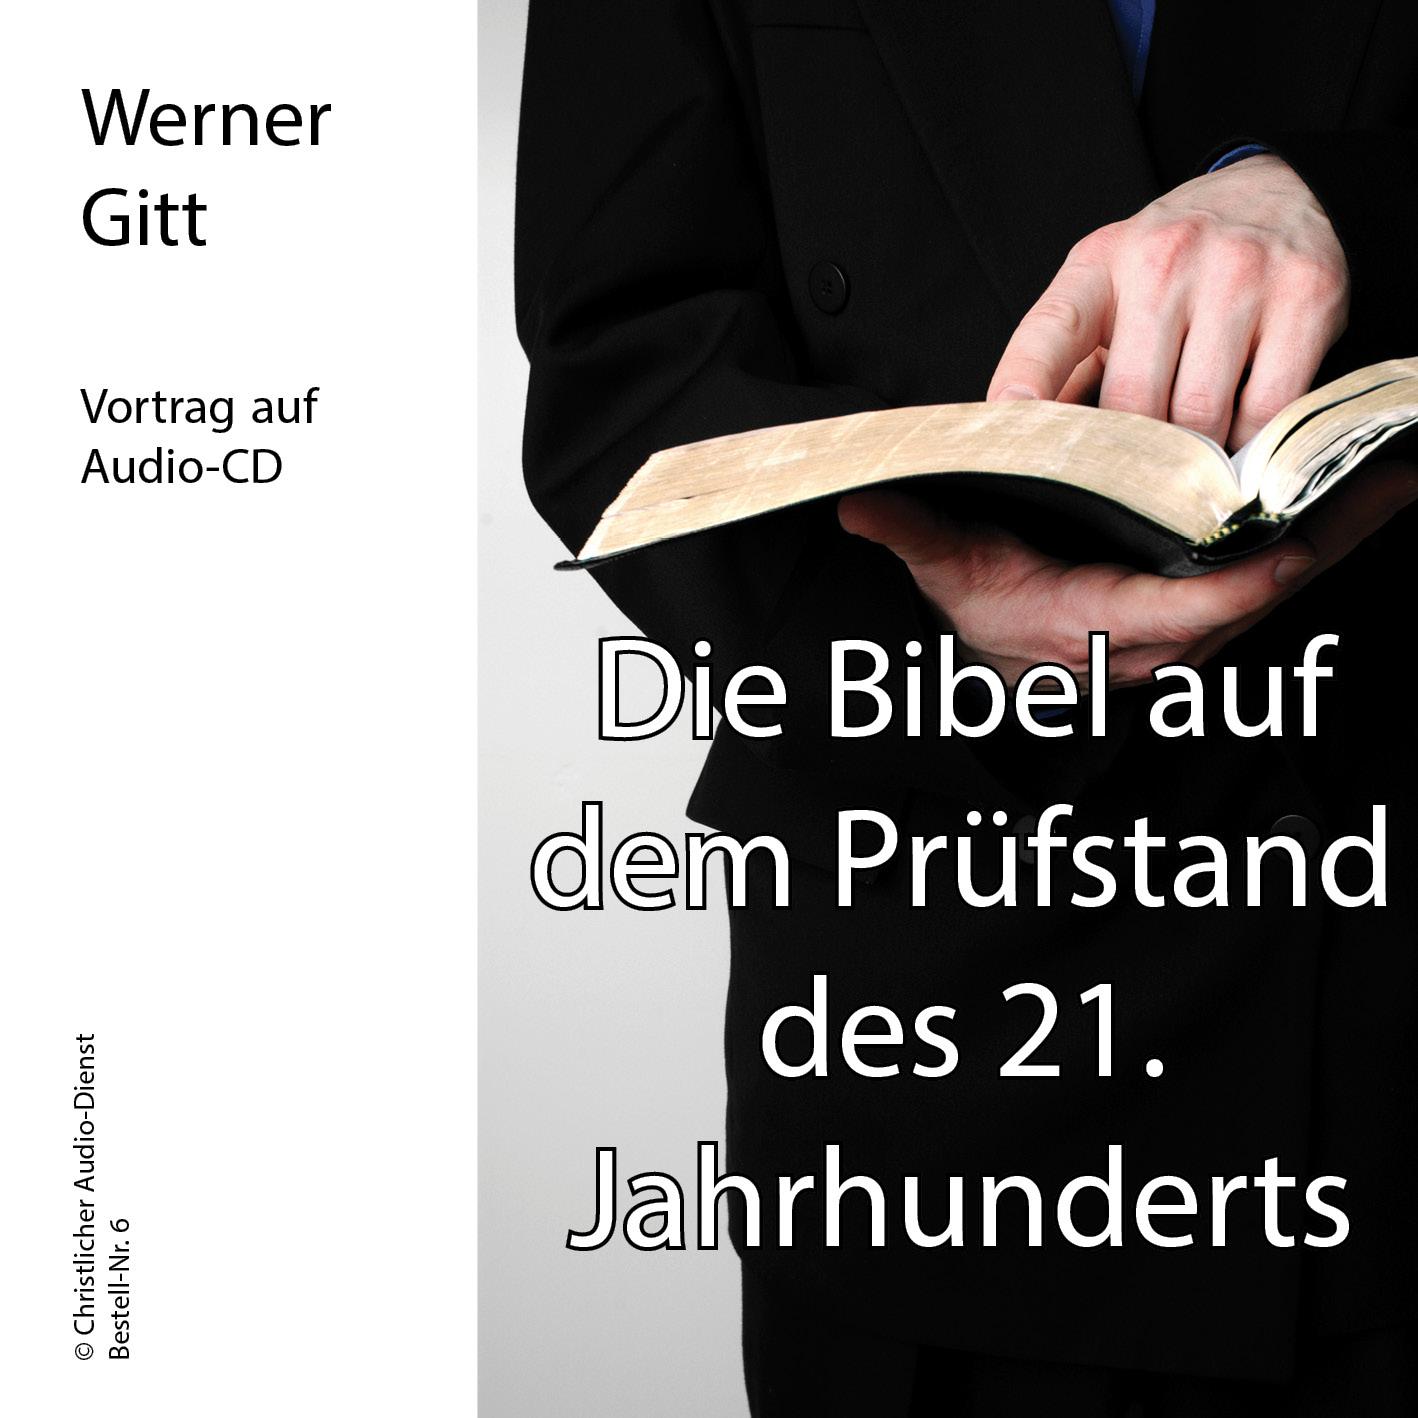 Die Bibel auf dem Prüfstand des 21. Jahrhunderts